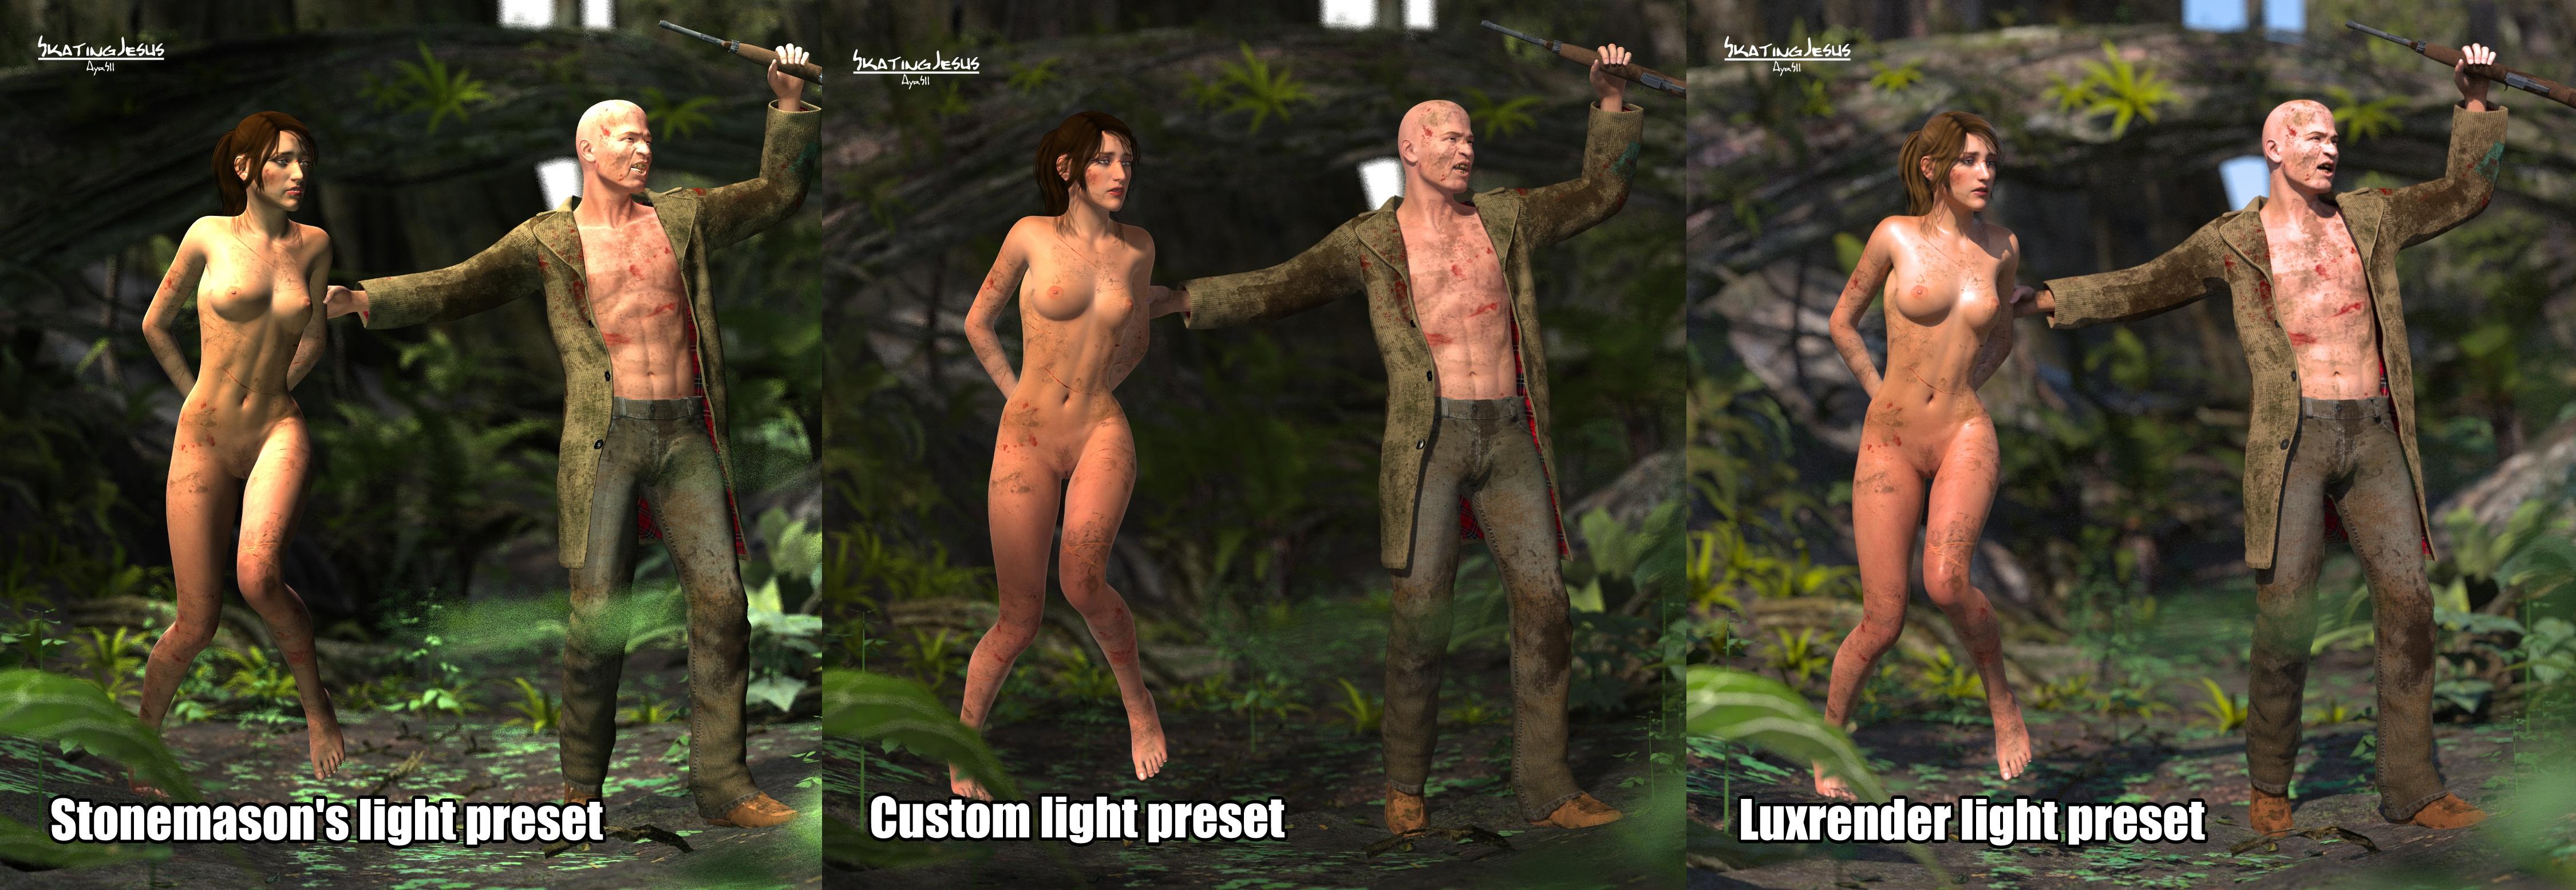 Tomb raider nude nude nude movie